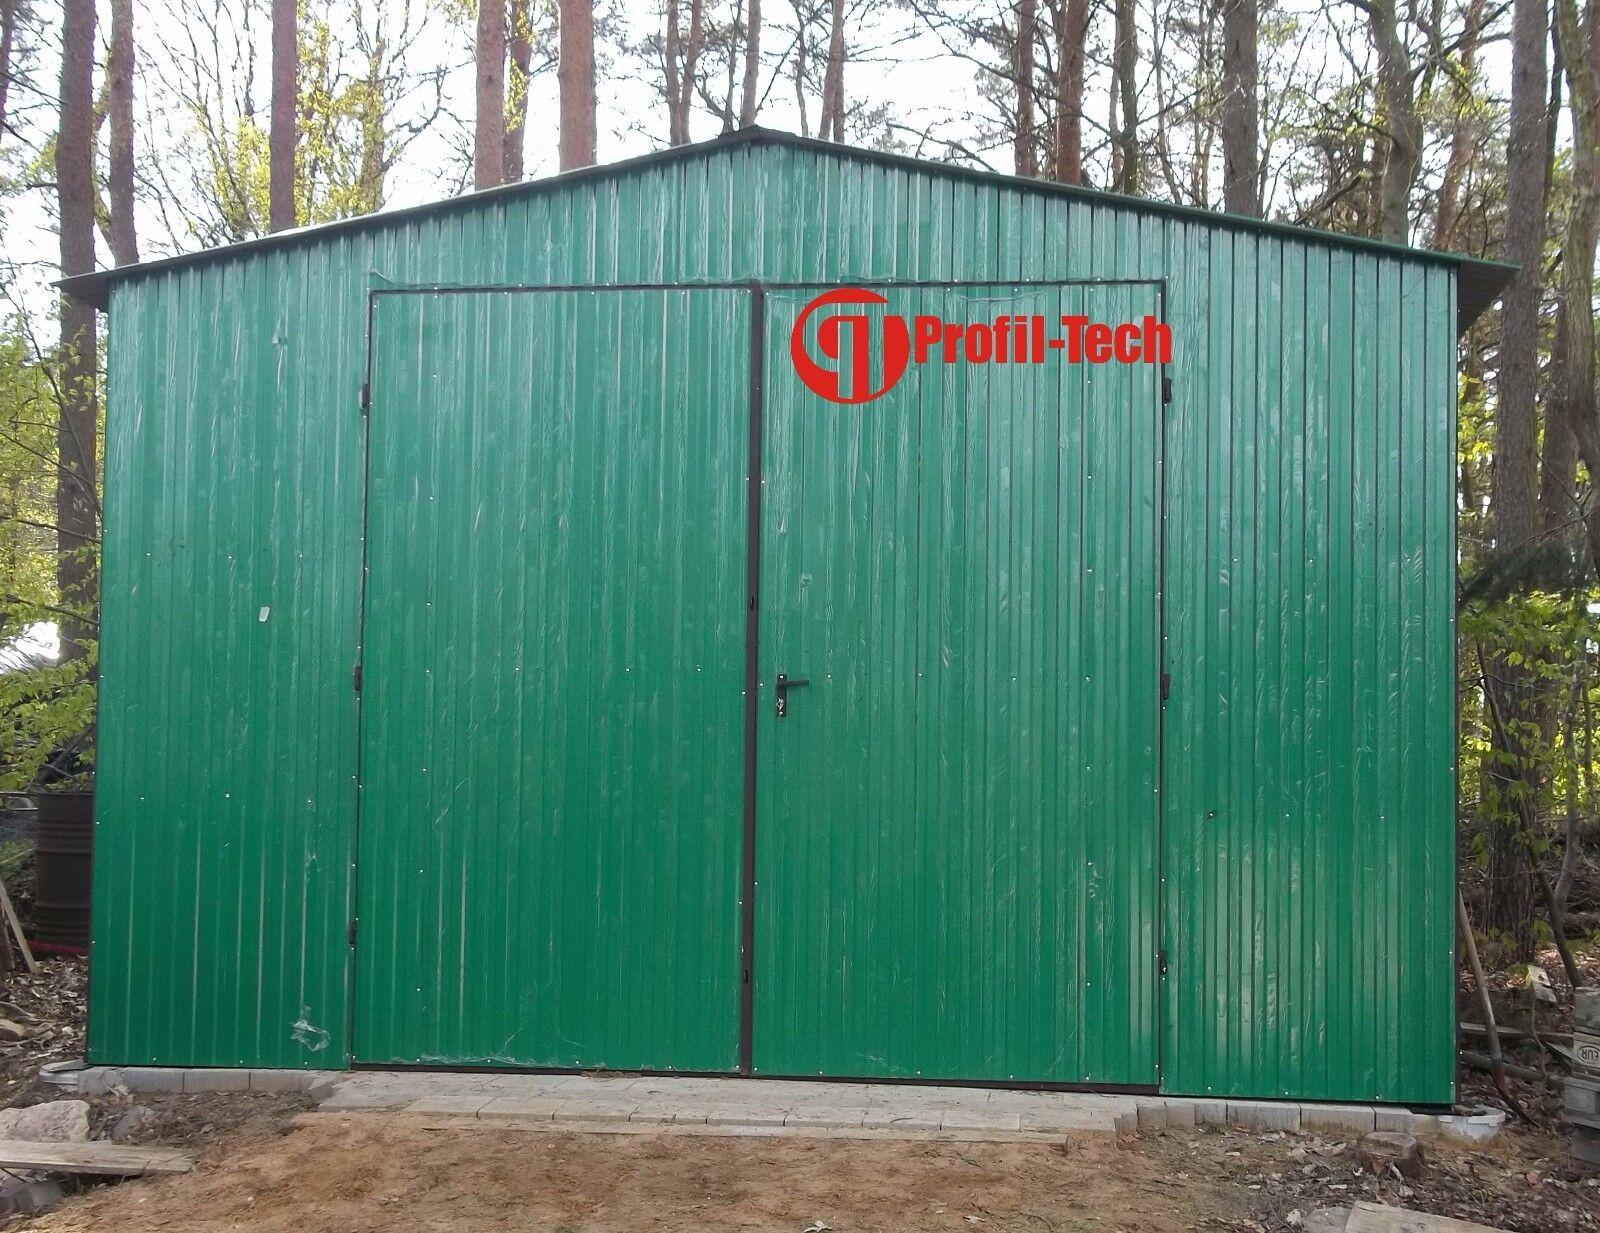 Blechgarage Fertiggarage Metallgarage LAGERRAUM GERÄTESCHUPPEN garage 4,5X4,0